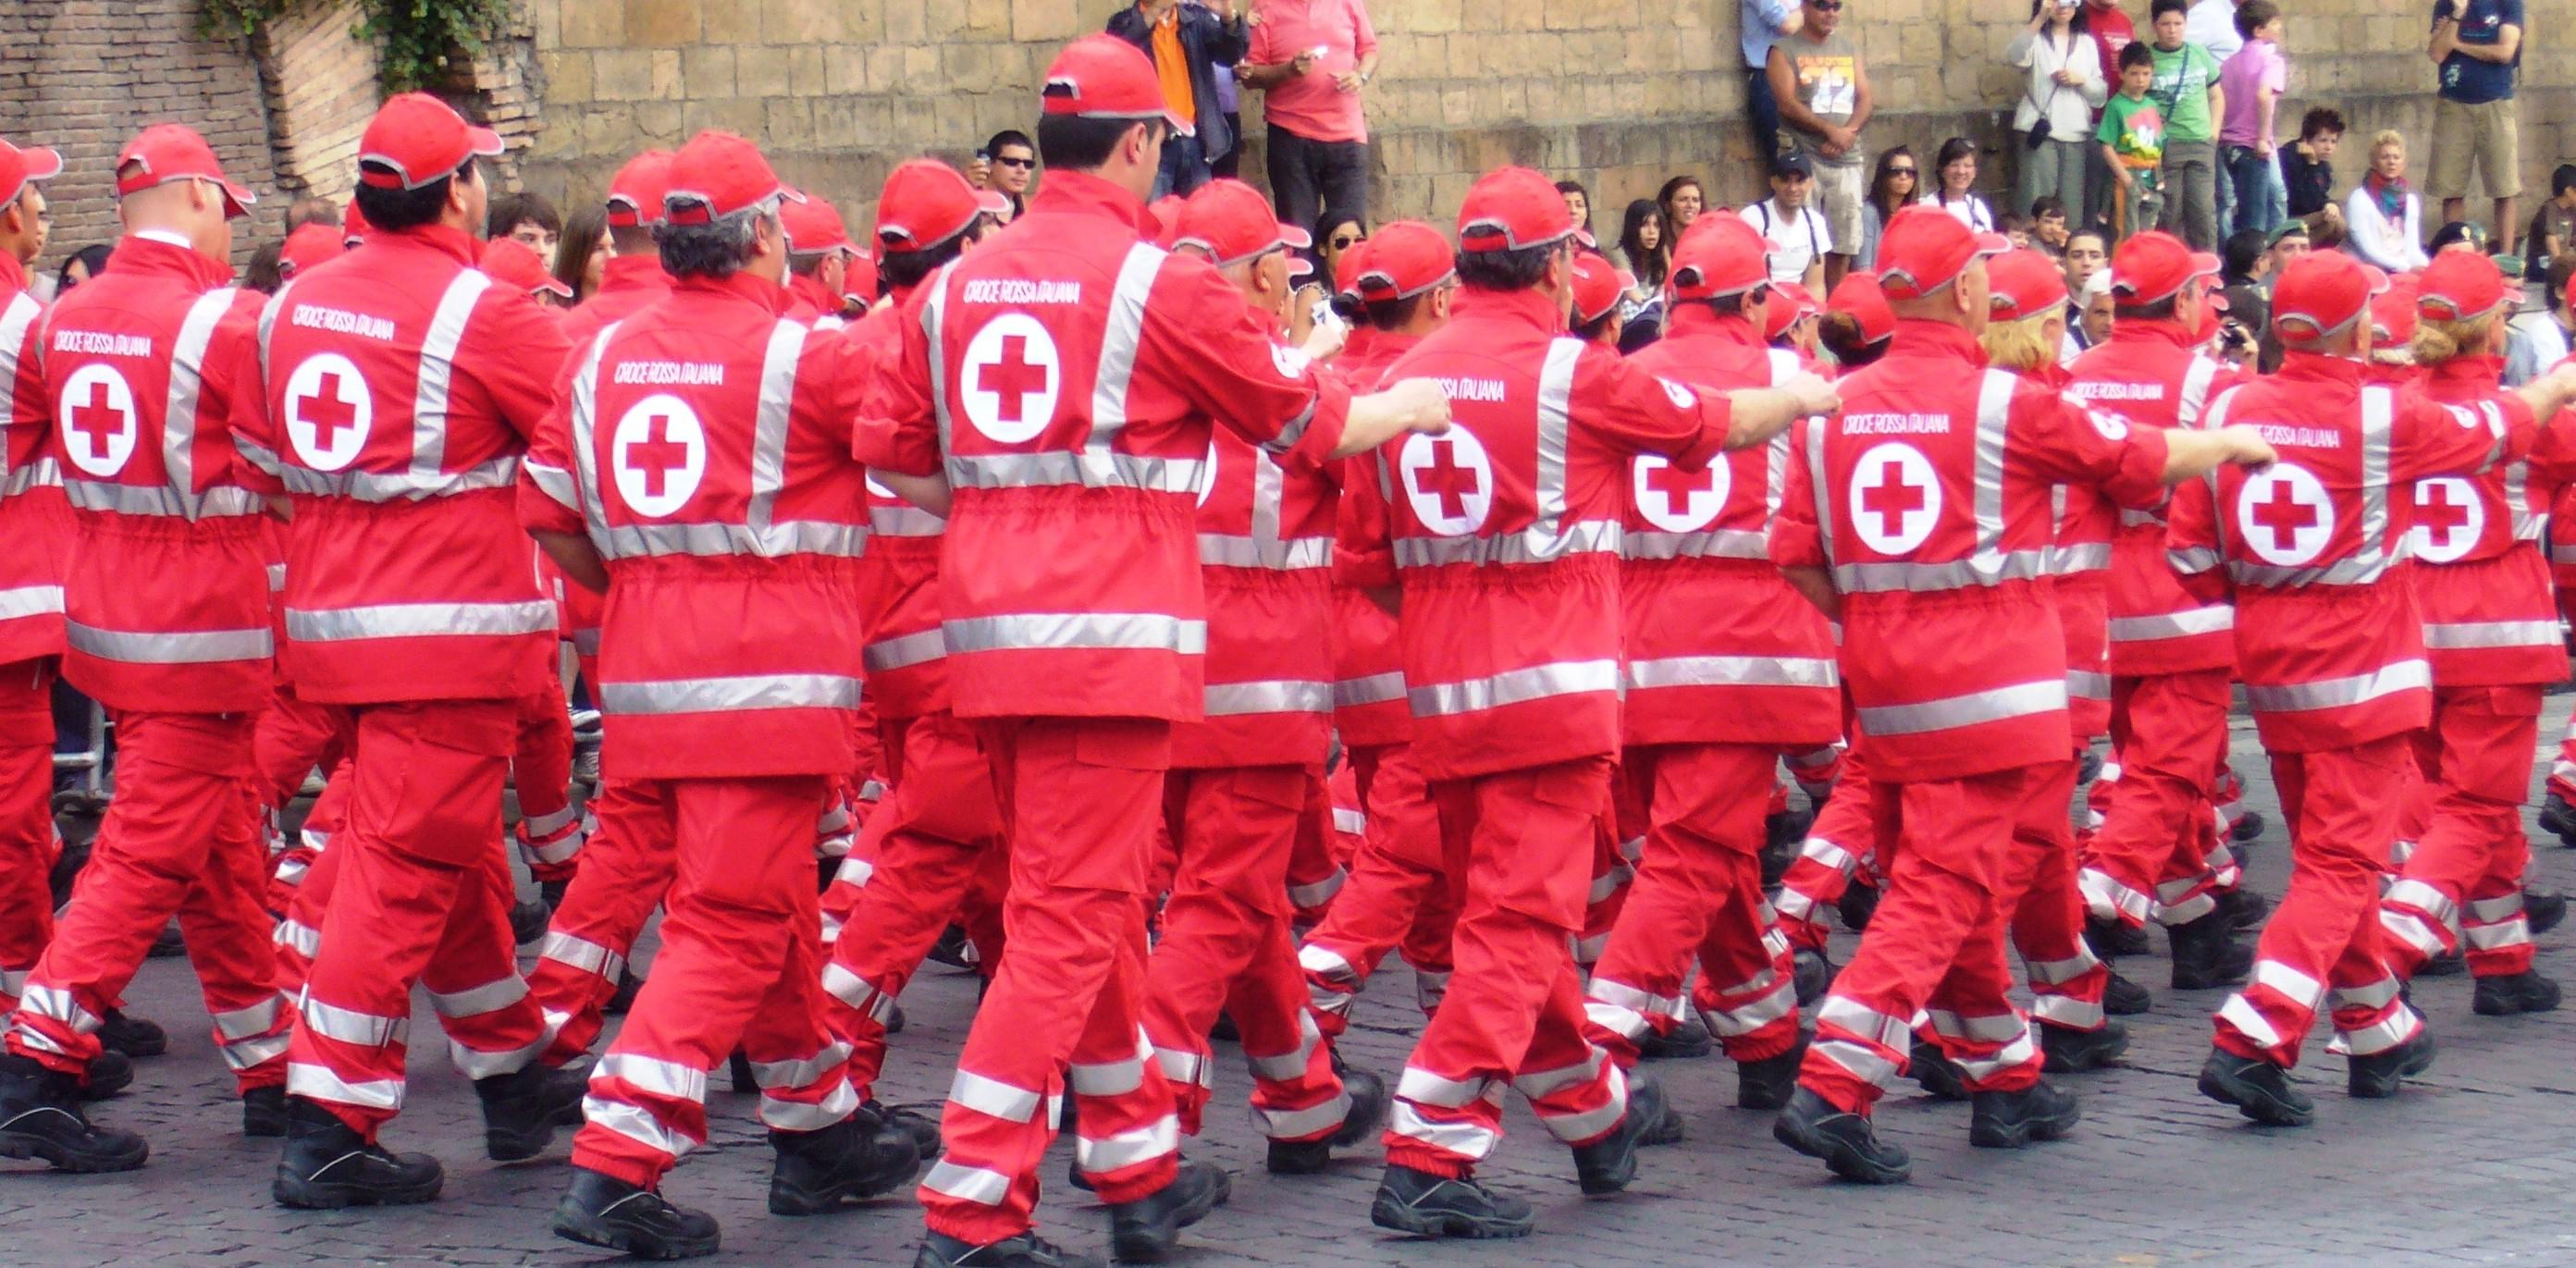 Croce Rossa, debito in crescita a 150 milioni: l'analisi de La Notizia Giornale